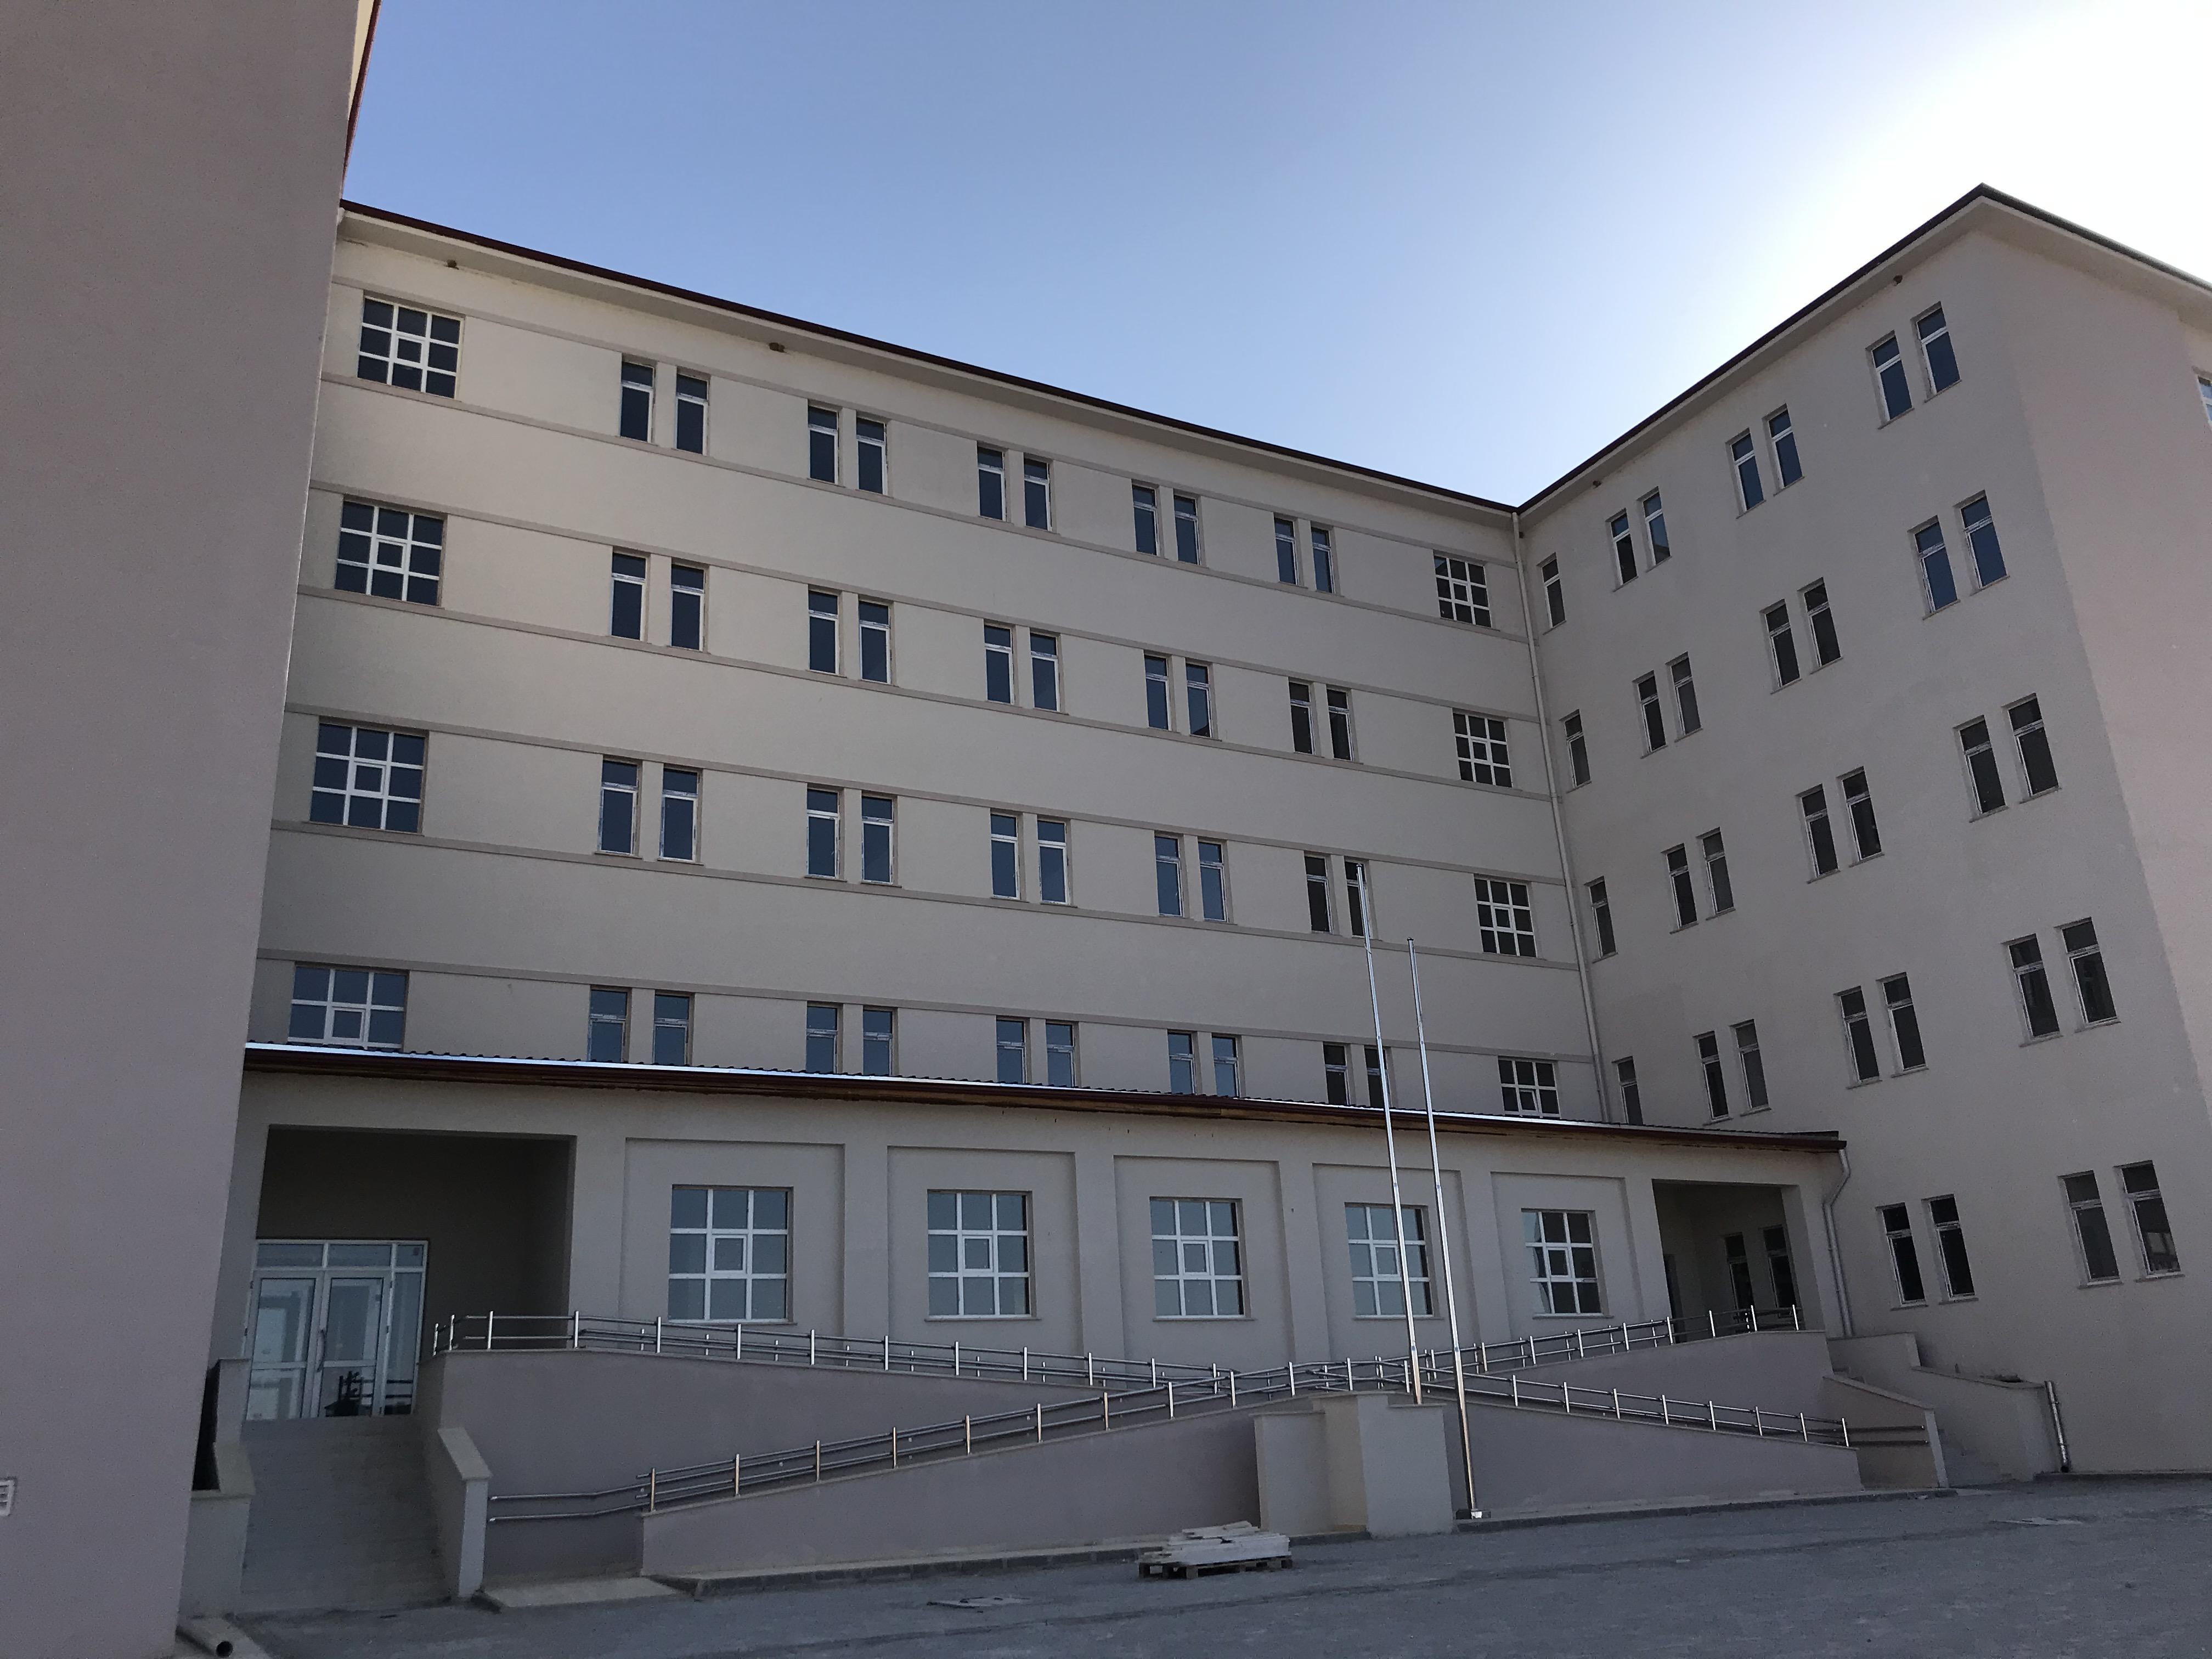 Uşak İlimiz, Sivaslı İlçesi, Fen Lisesi 300 Öğrencilik Pansiyon Binası Yapım İşinde Geçici Kabul İşlemleri Yapılmıştır.